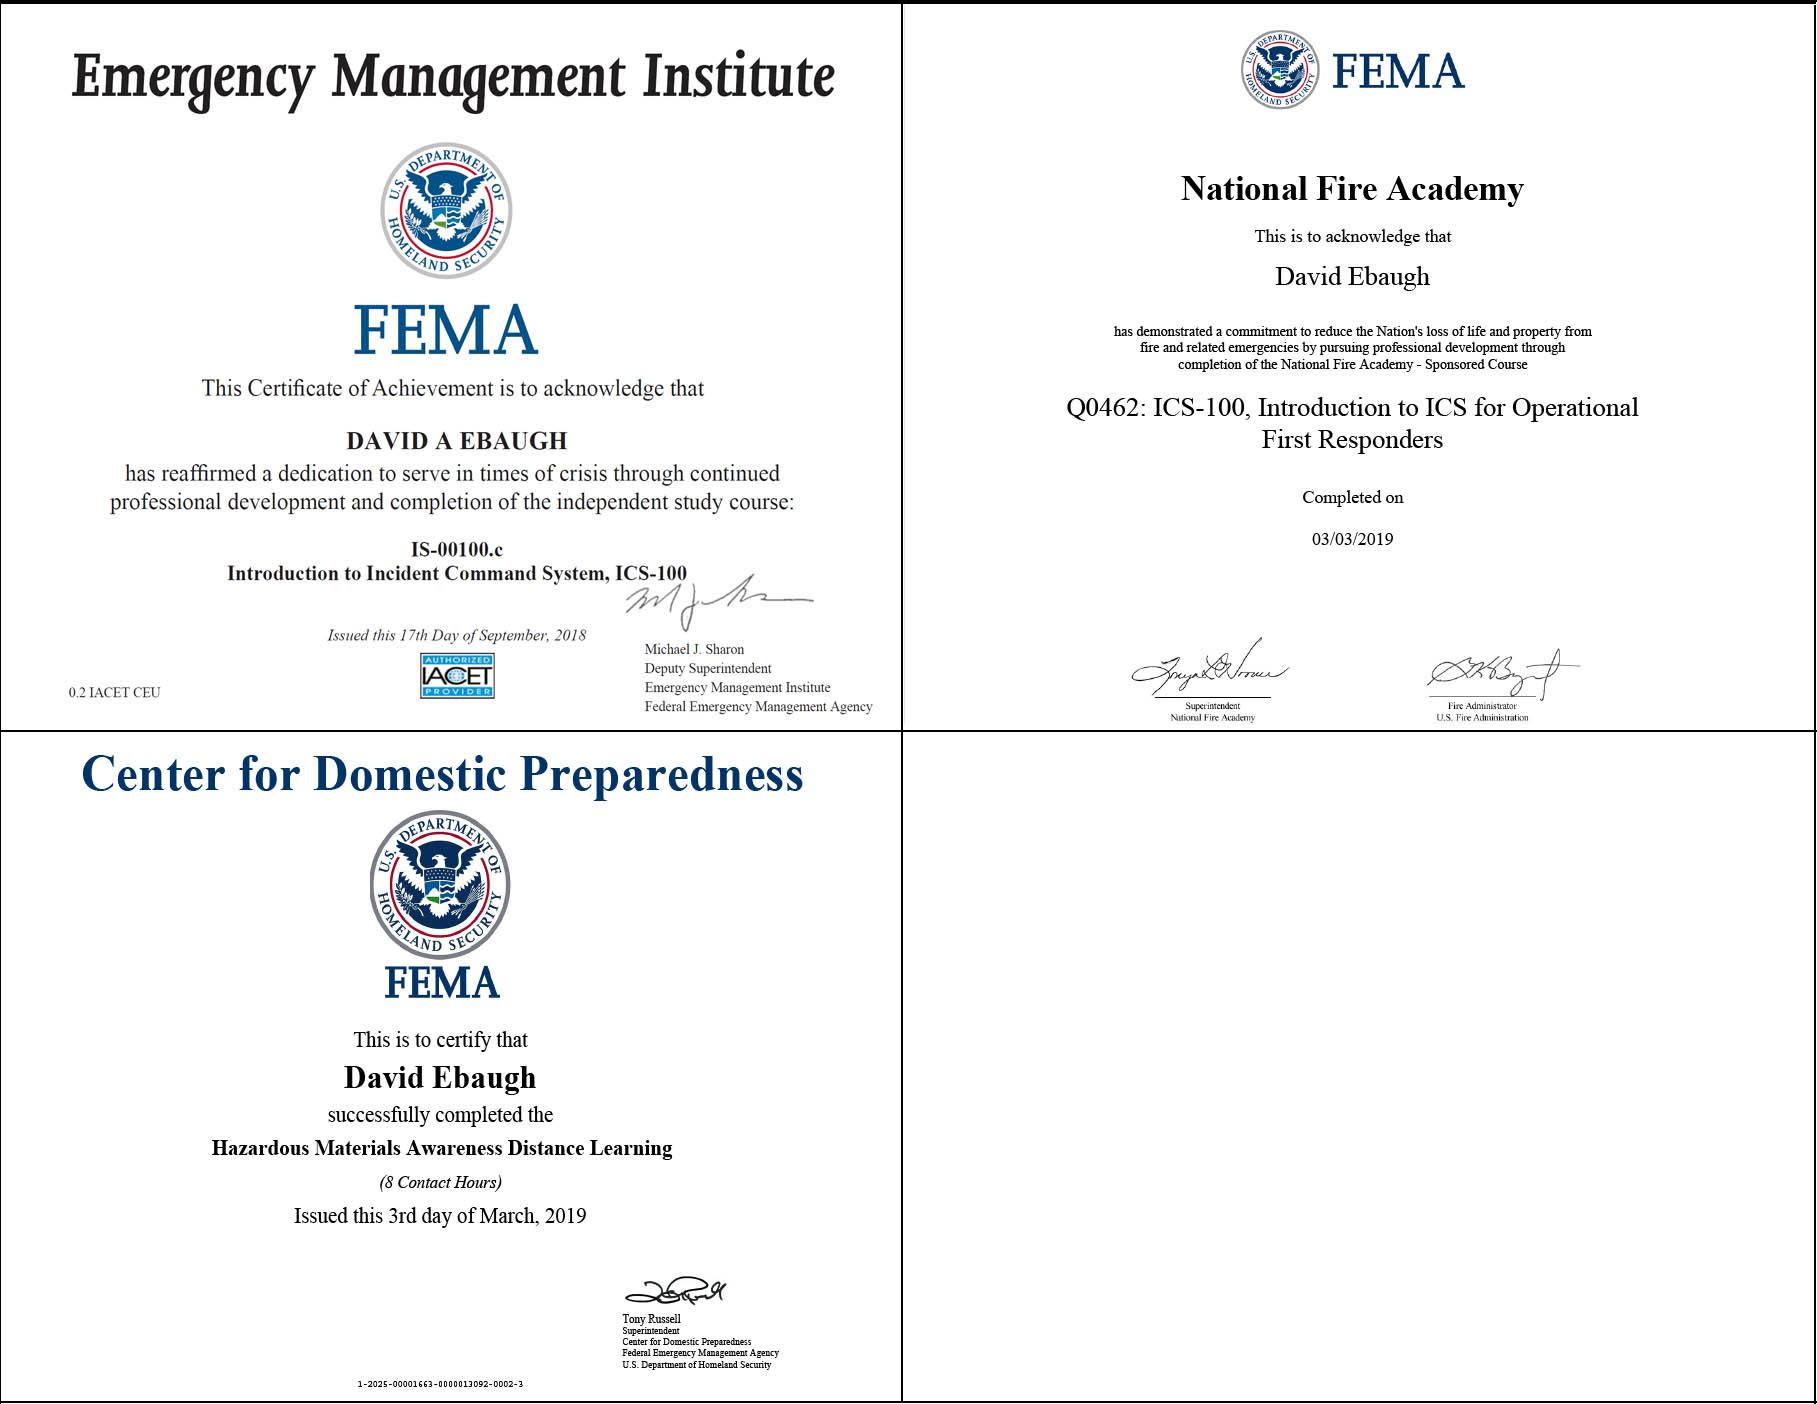 FEMA-2018-2019-DAE.jpg